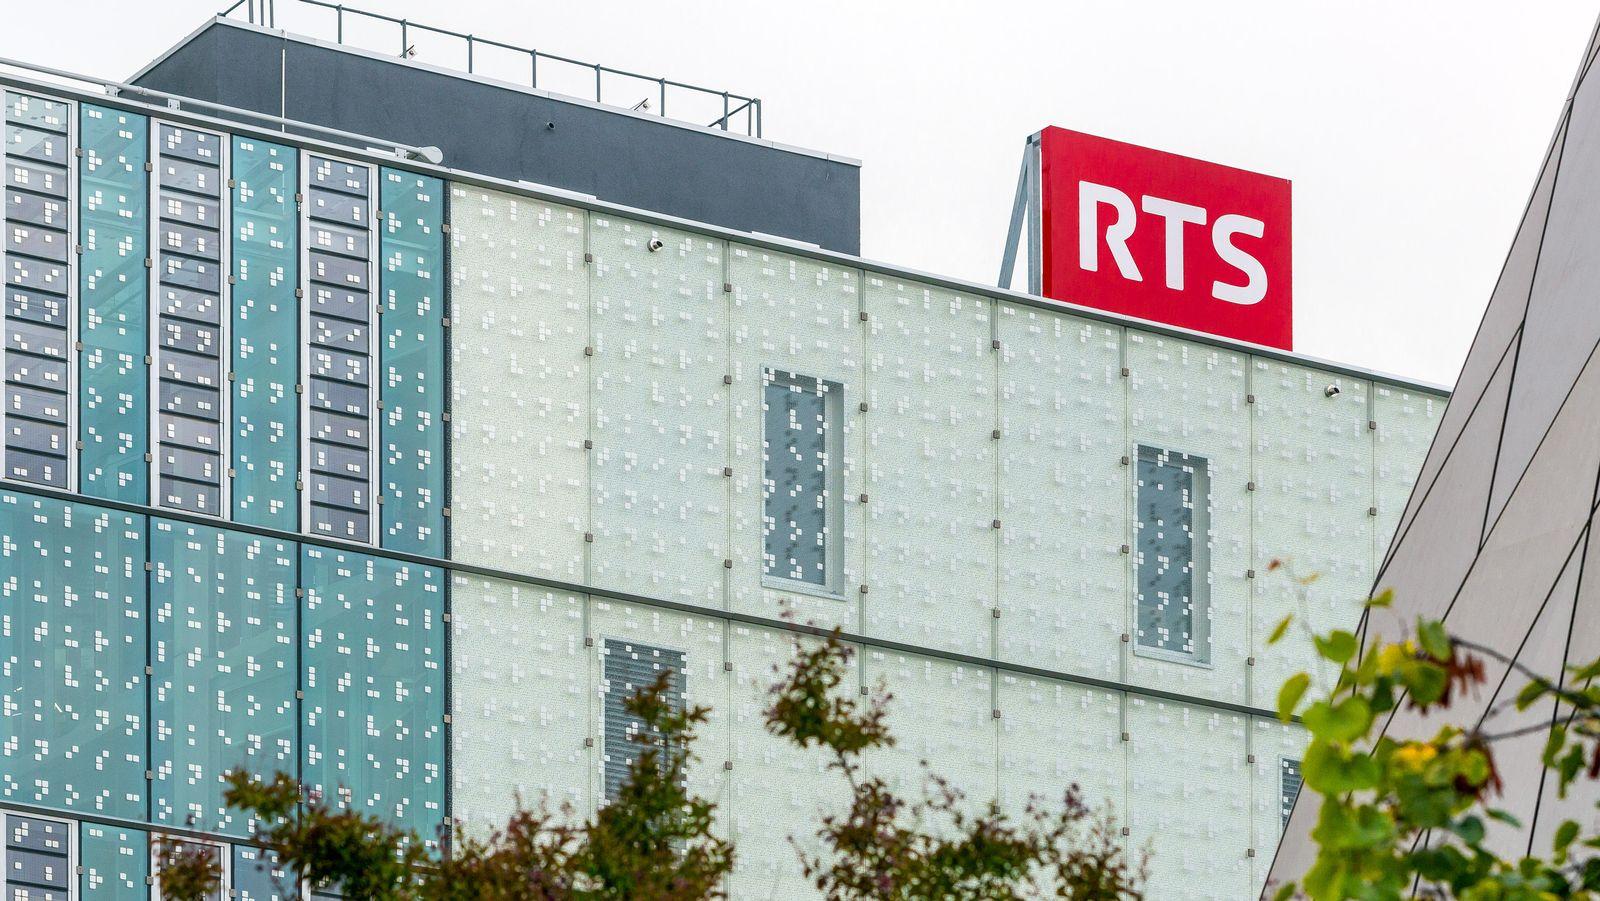 Suisse : la RTS fait le choix du transmédia (TV, radio et web)